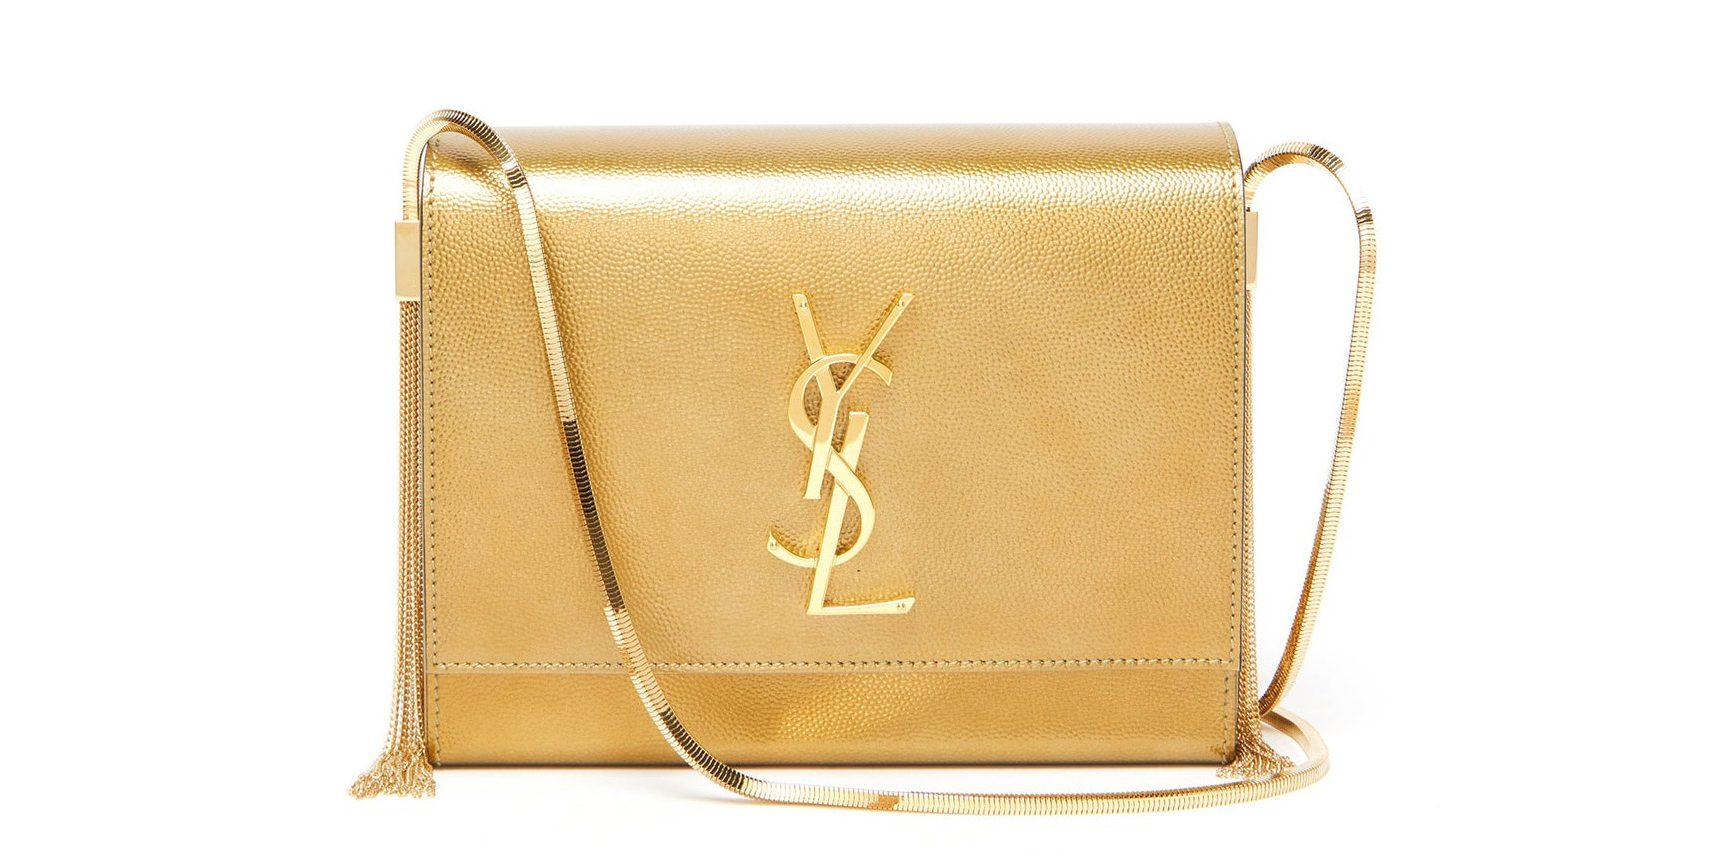 Bolso dorado de Saint Laurent.